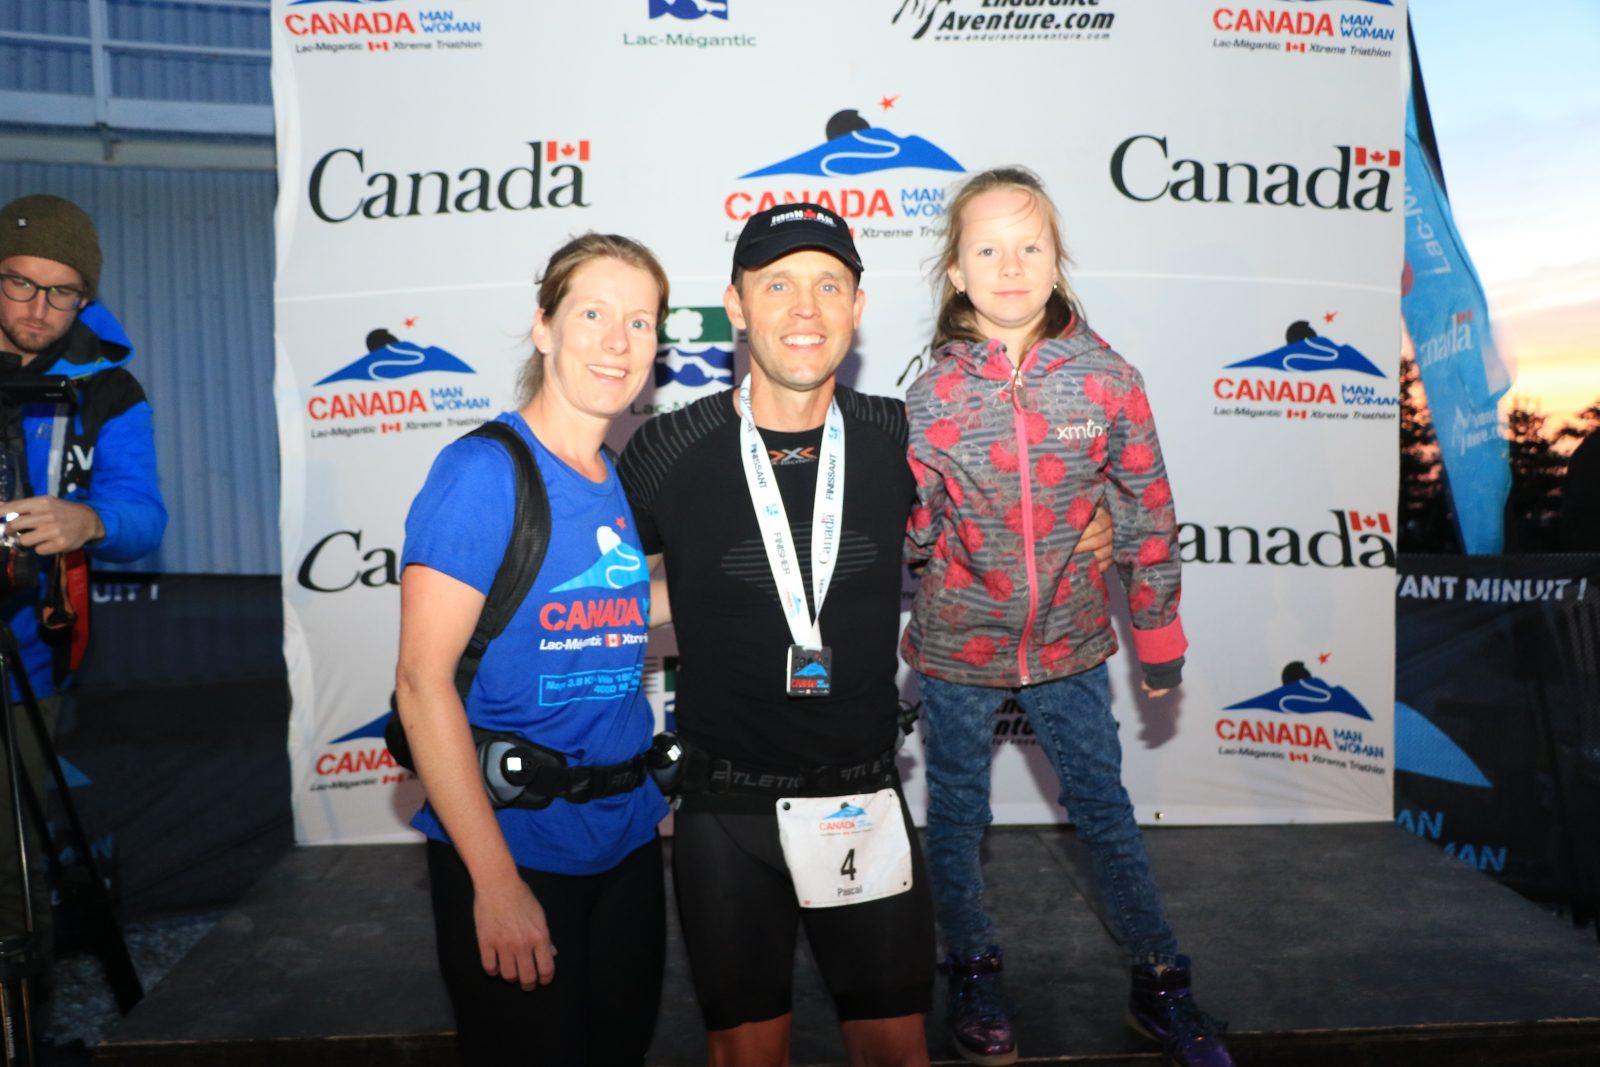 Pascal Morissette réussit un défi extrême; le Triathlon Canada man/woman